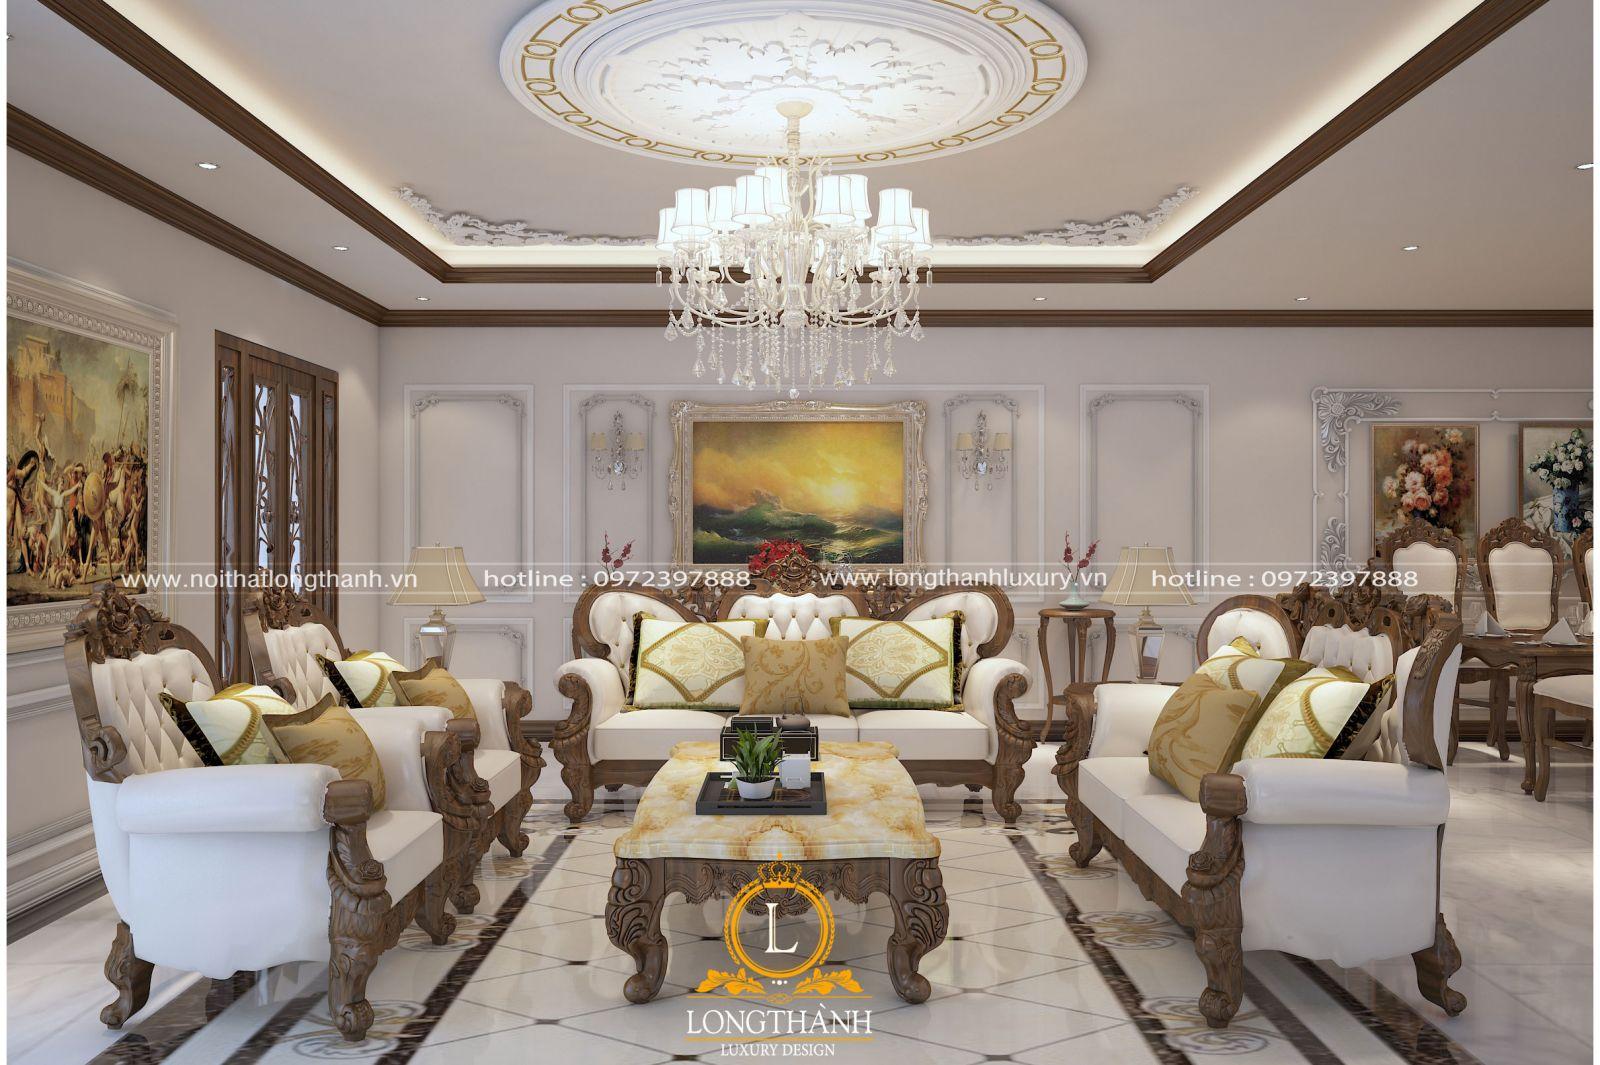 Bộ sofa tân cổ điển hình chữ u có màu nâu và trắng hài hòa cân đối